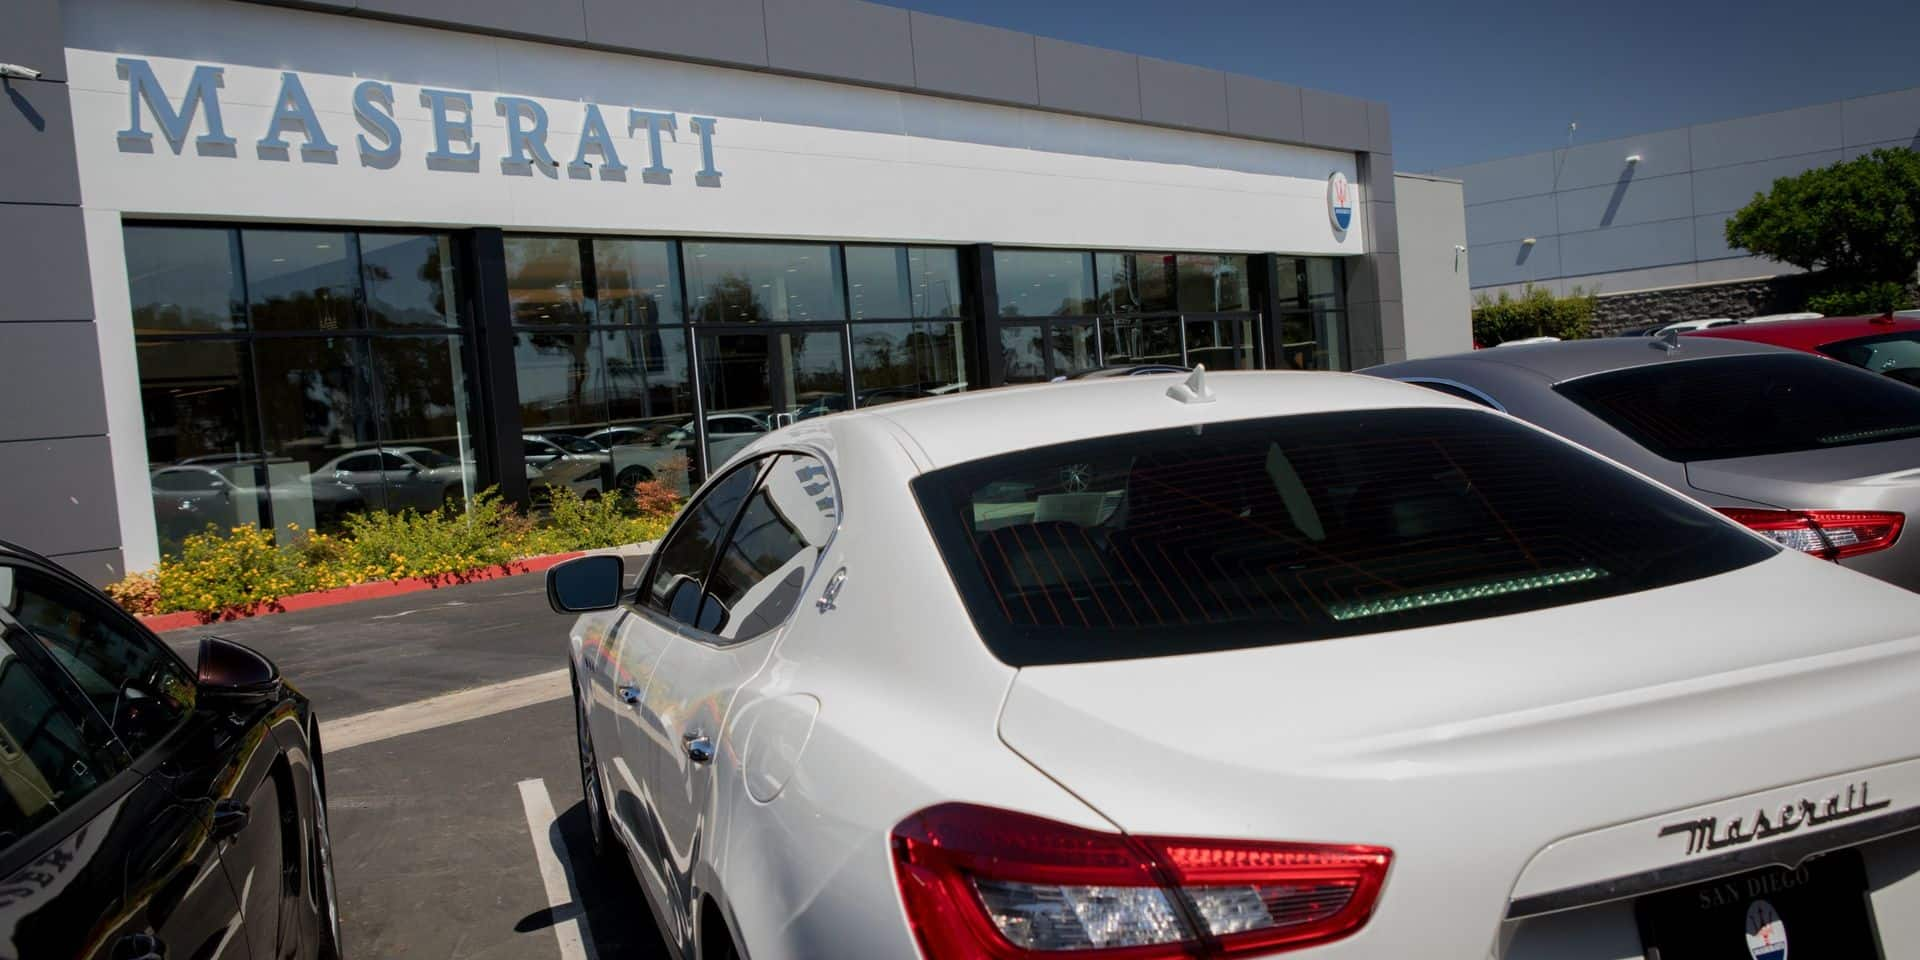 La Maserati d'un chauffard saisie administrativement par la police Nord